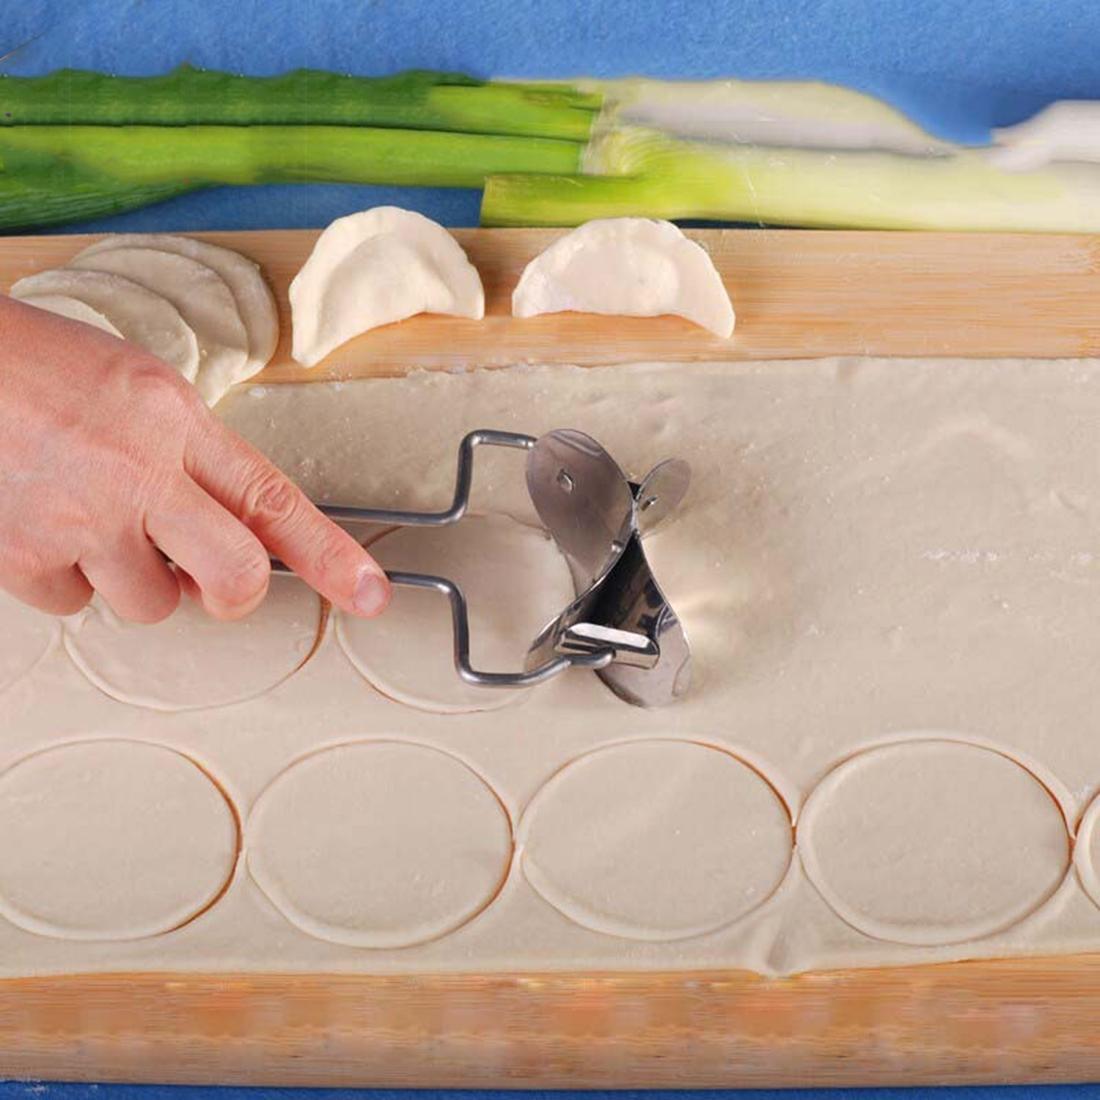 Baik Adonan Baja Tahan Karat Tekan Kue Pastel Cetakan Ravioli Pembuat Memasak Alat Kue Kering Lingkaran